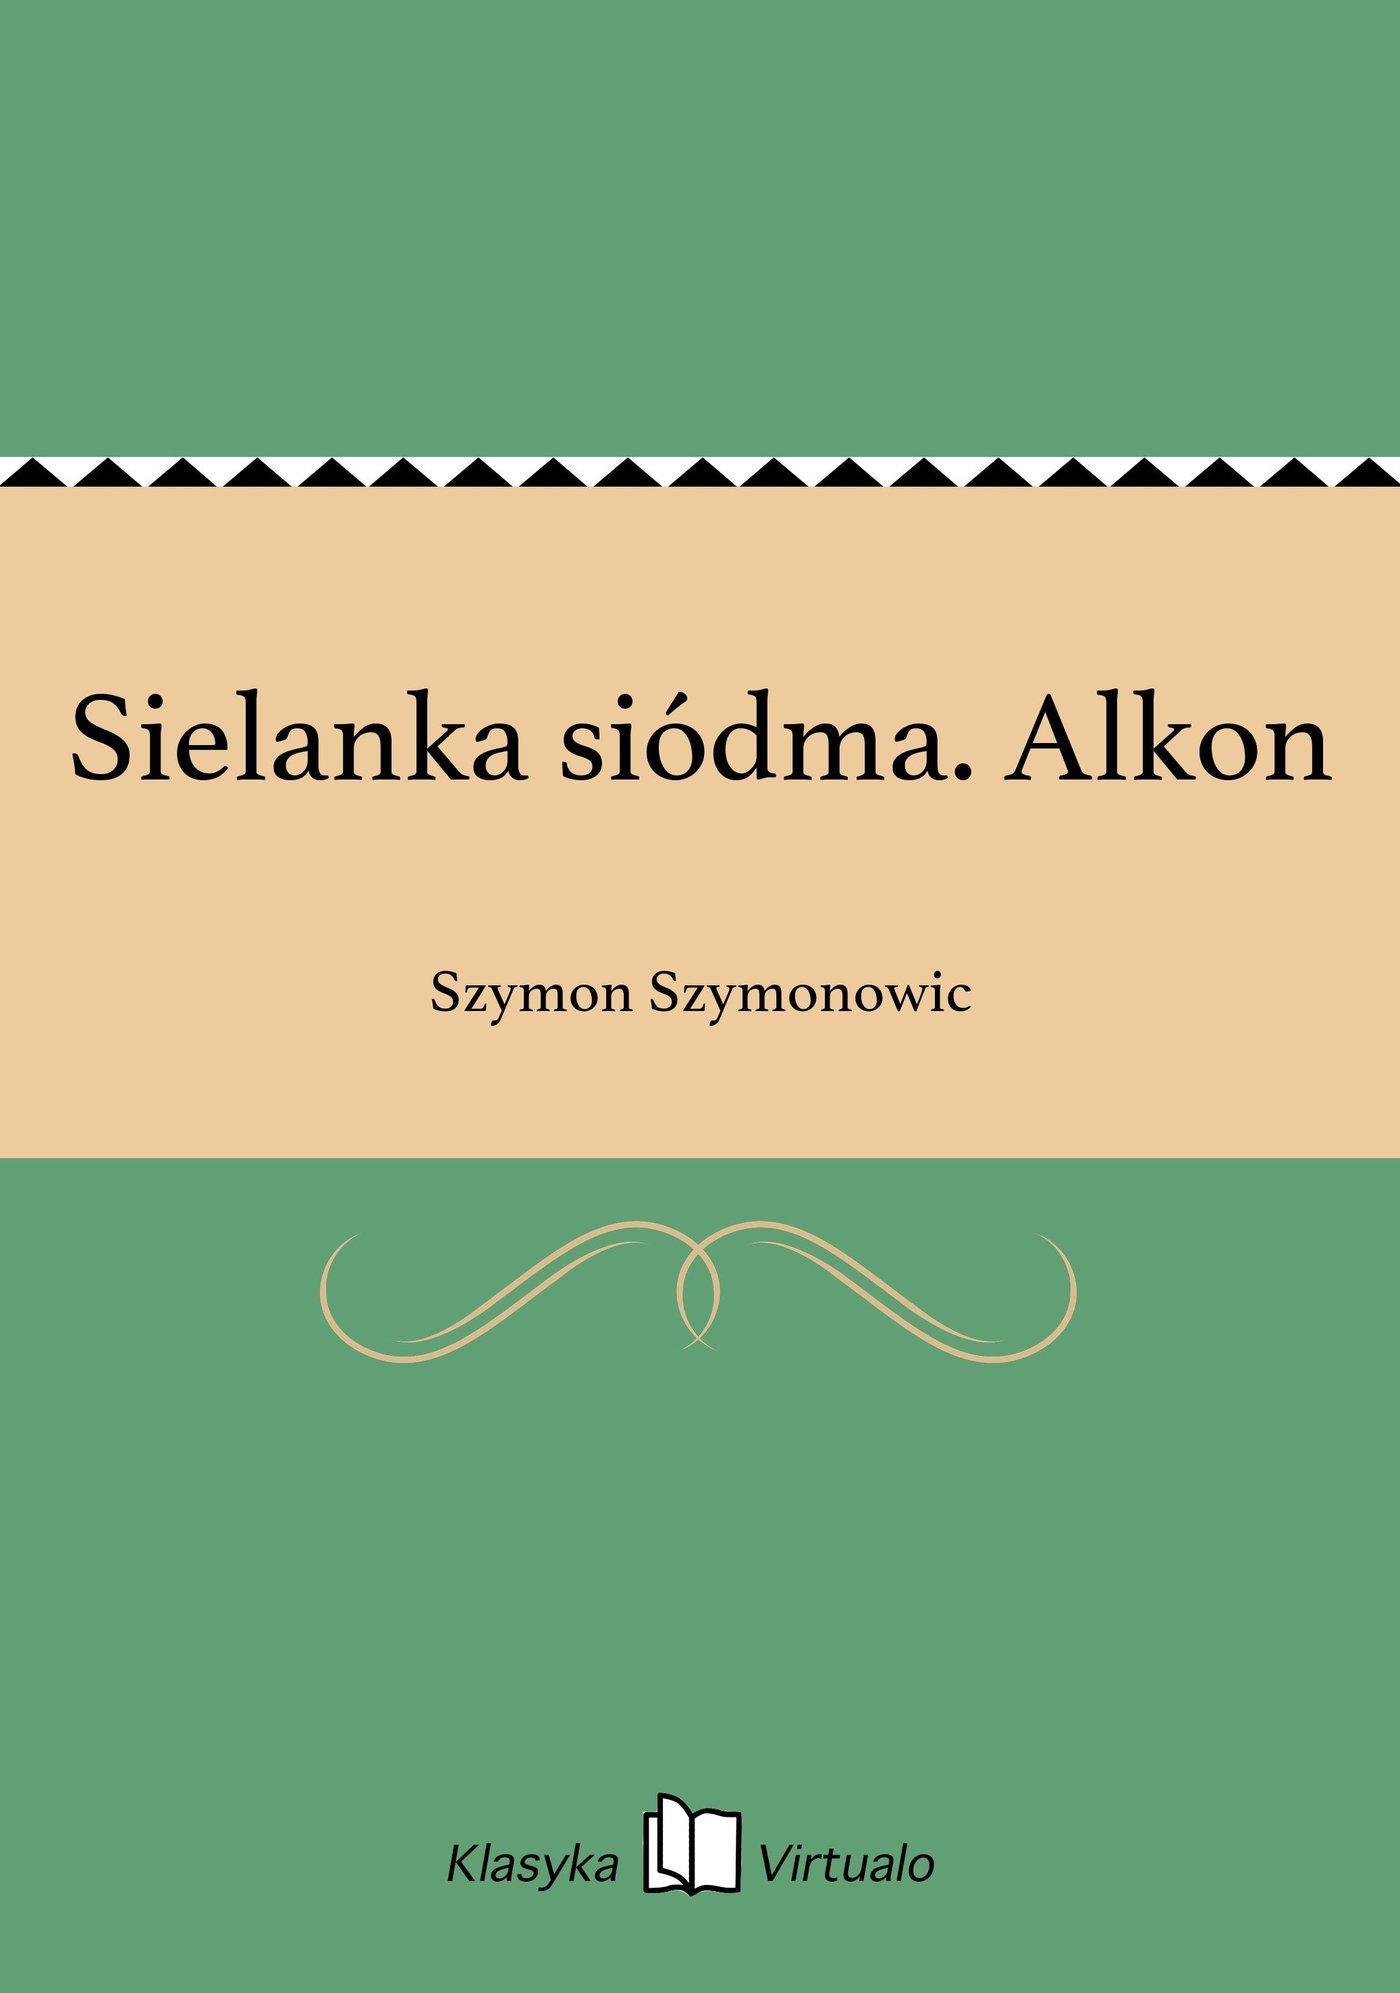 Sielanka siódma. Alkon - Ebook (Książka EPUB) do pobrania w formacie EPUB